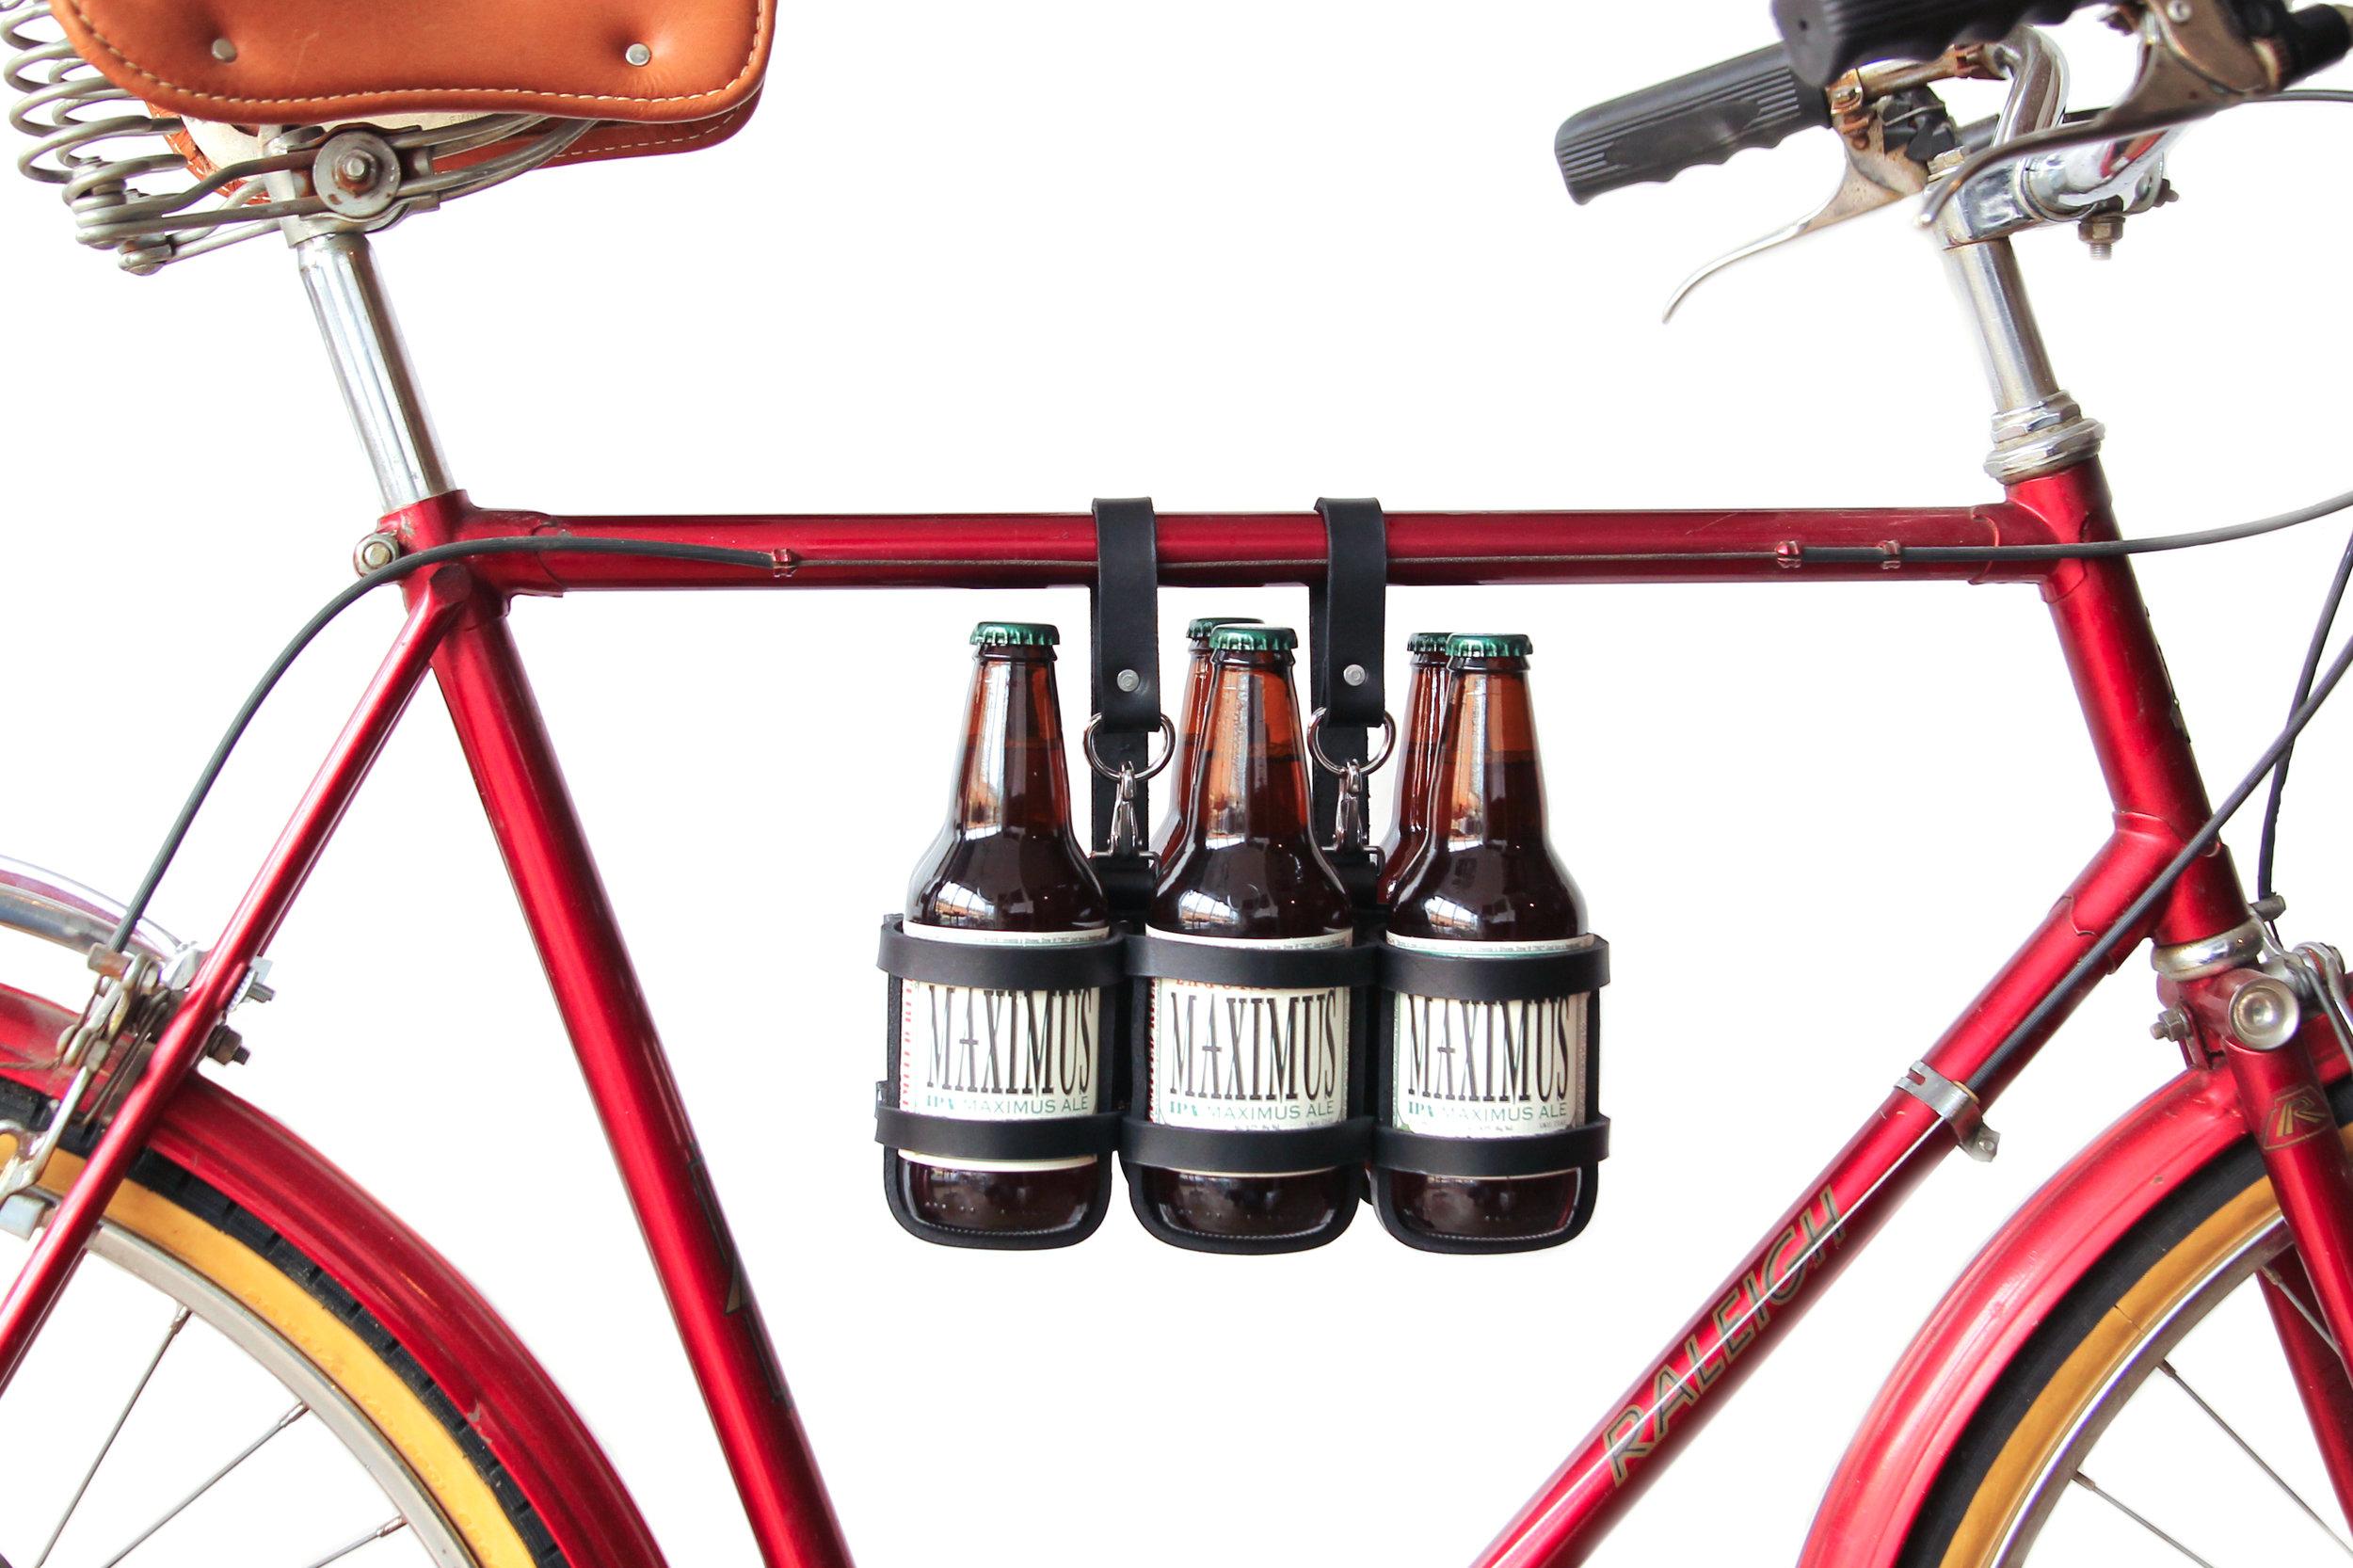 Jay Teske bicycle beer carrier. Photo by Kelli Williams.